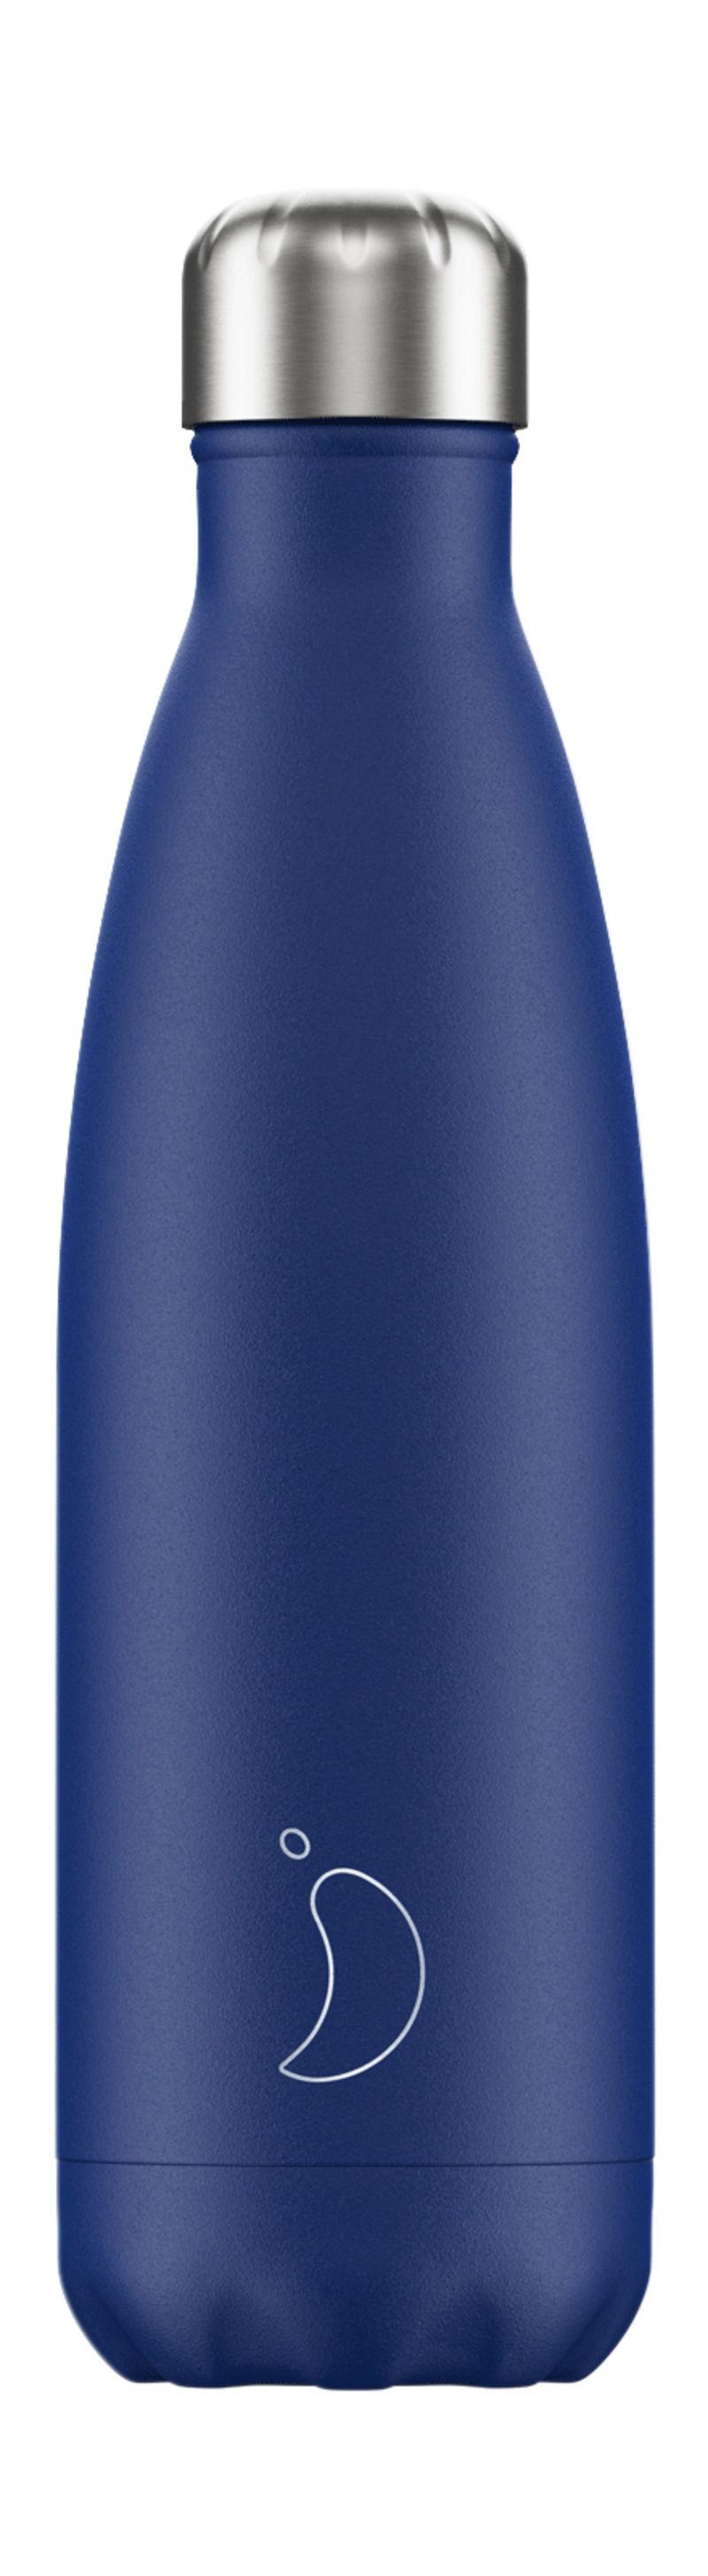 Botella Inox Azul Mate 500ml -